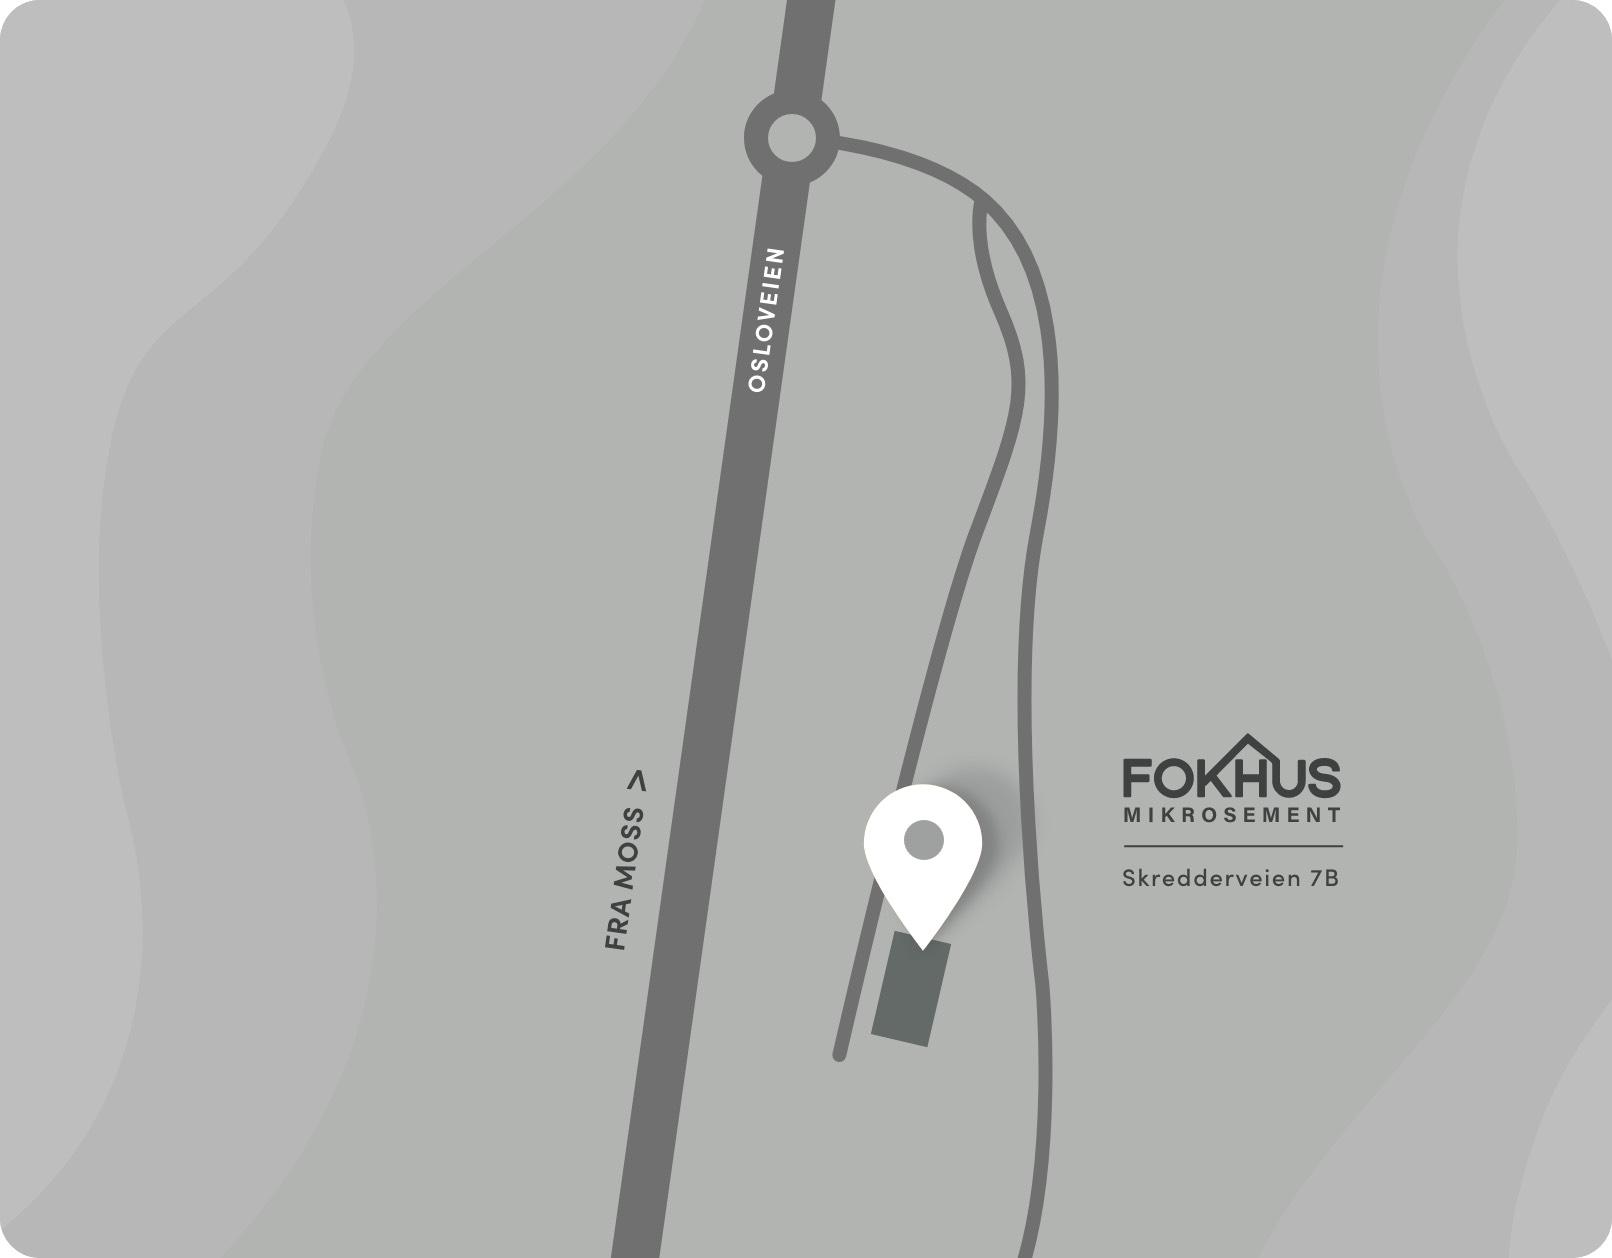 Bilde av kart til Fokhus Mikrosement